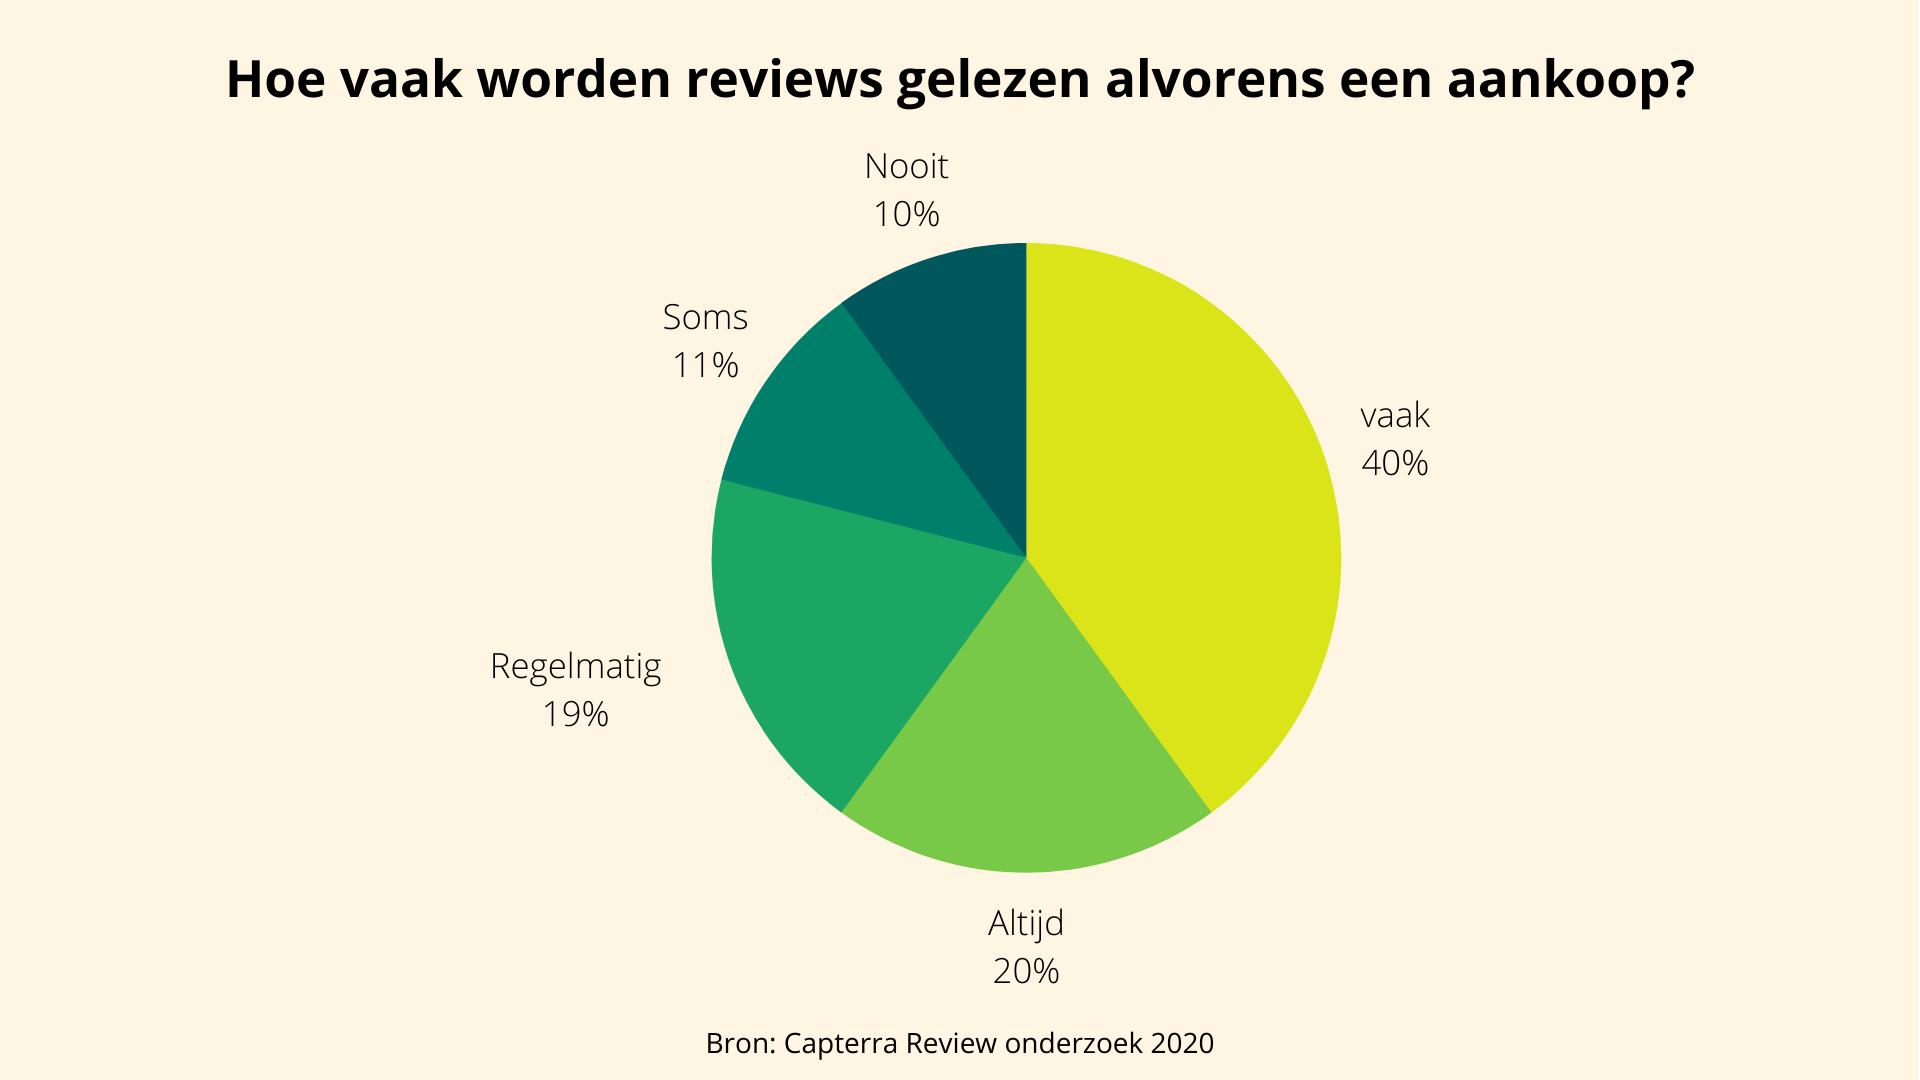 Cijfers over hoevaak reviews worden gelezen